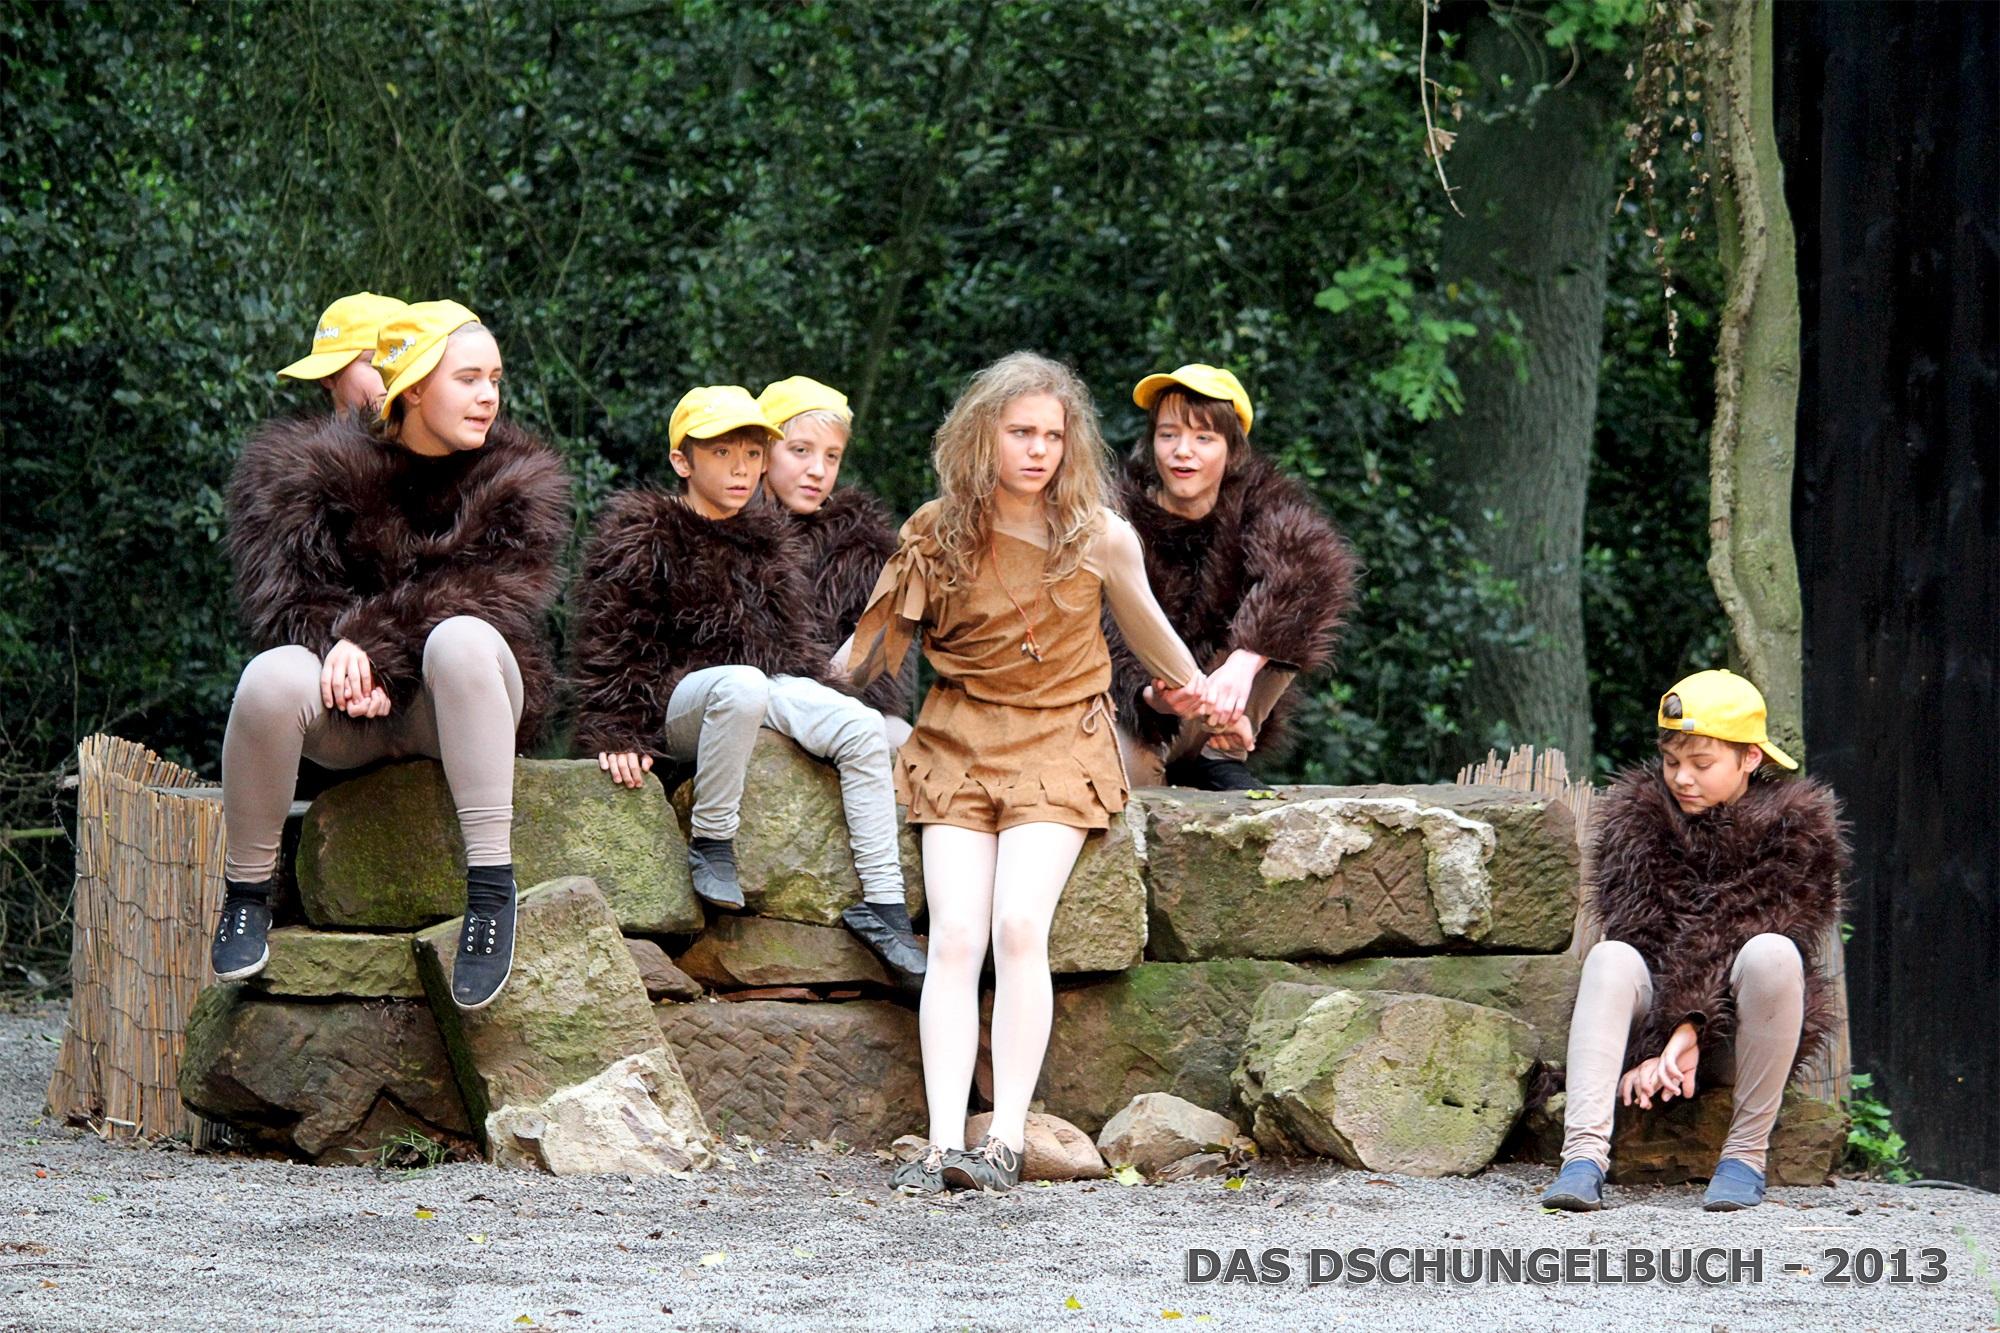 Das Dschungelbuch - 2013-1